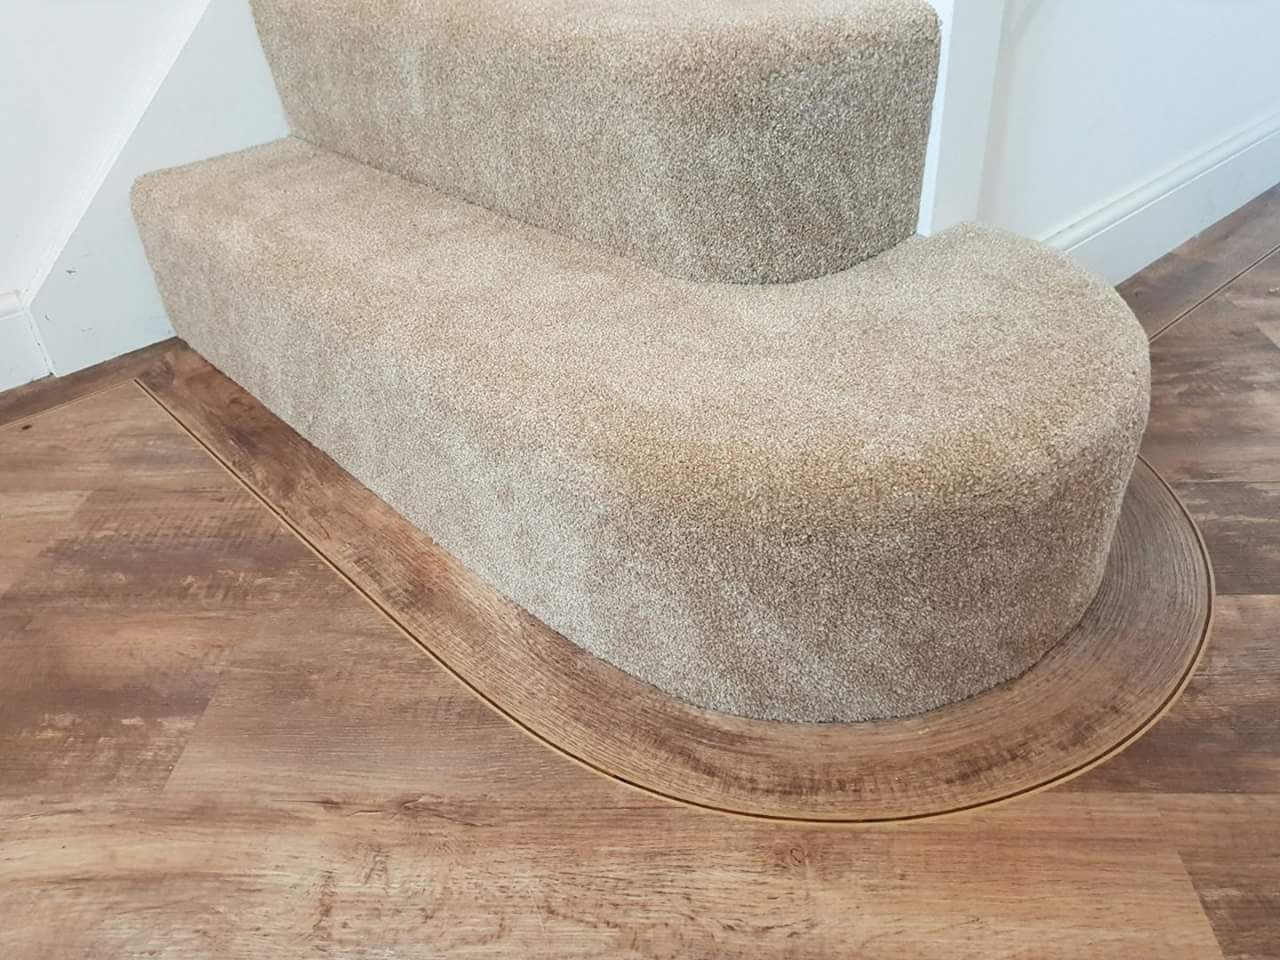 British Resilient Flooring Manufacturers Ociation Carpet